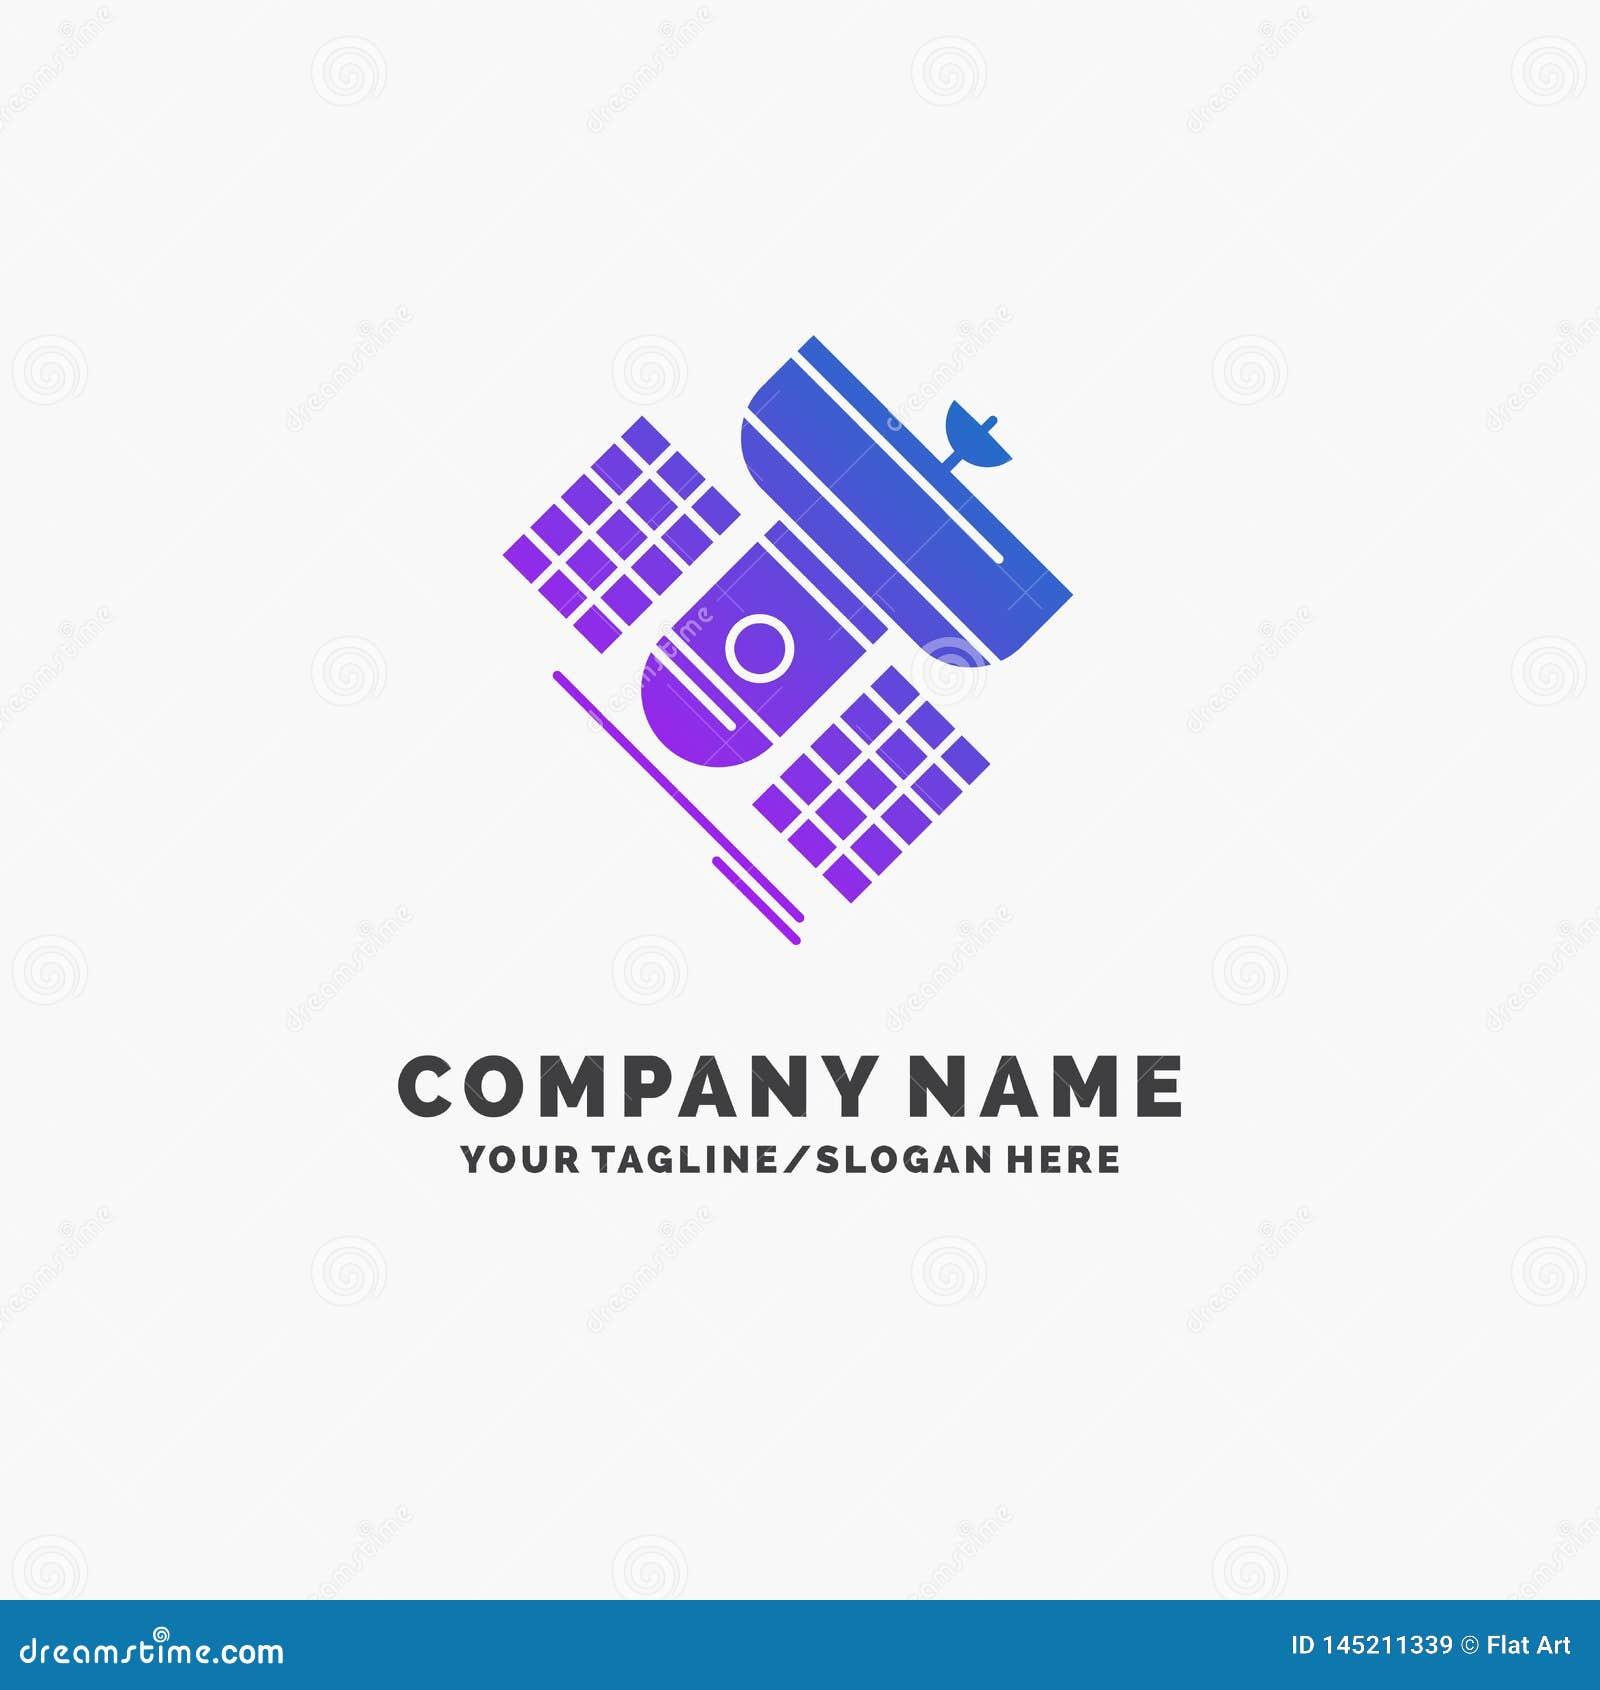 Uitzending, het uitzenden, mededeling, satelliet, telecommunicatie Purpere Zaken Logo Template Plaats voor Tagline